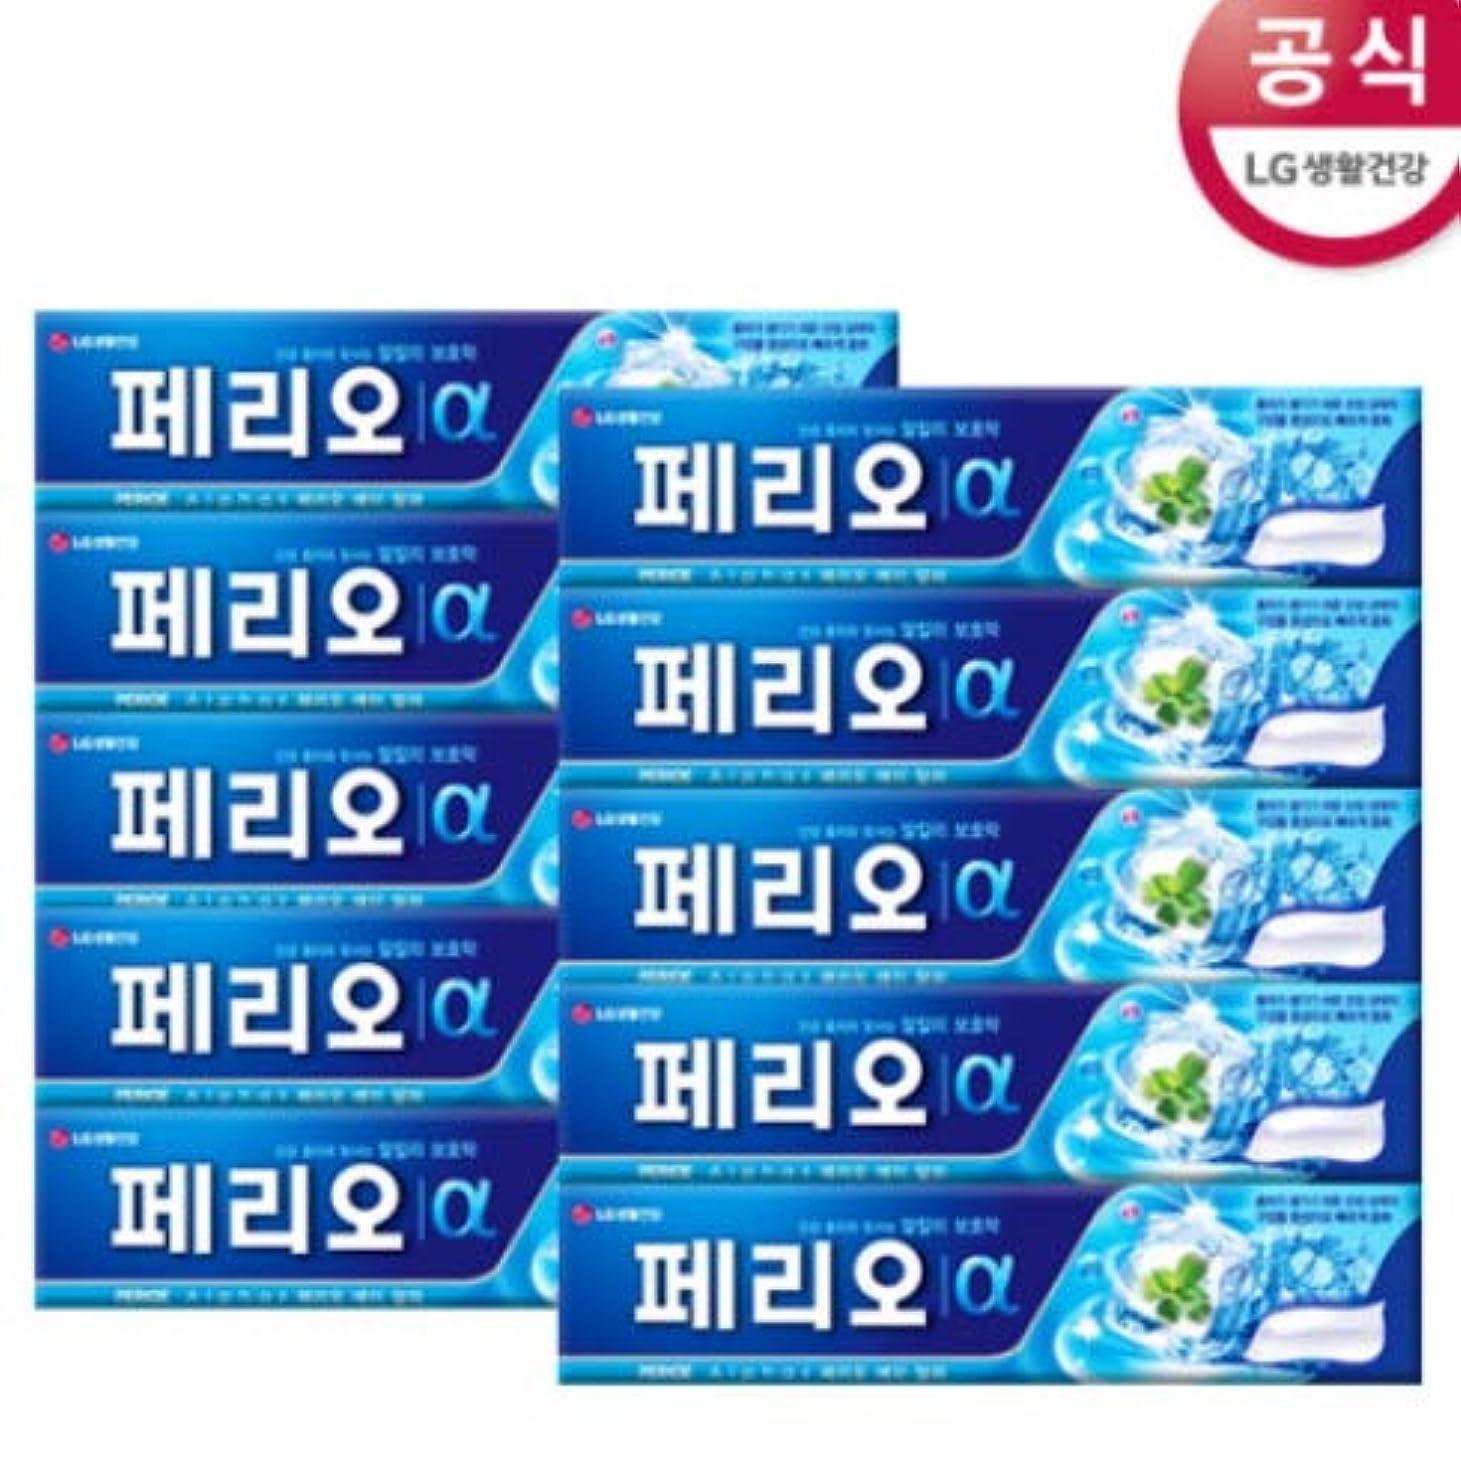 カプセル淡い罪悪感[LG HnB] Perio Alpha Toothpaste/ペリオアルファ歯磨き粉 170gx10個(海外直送品)